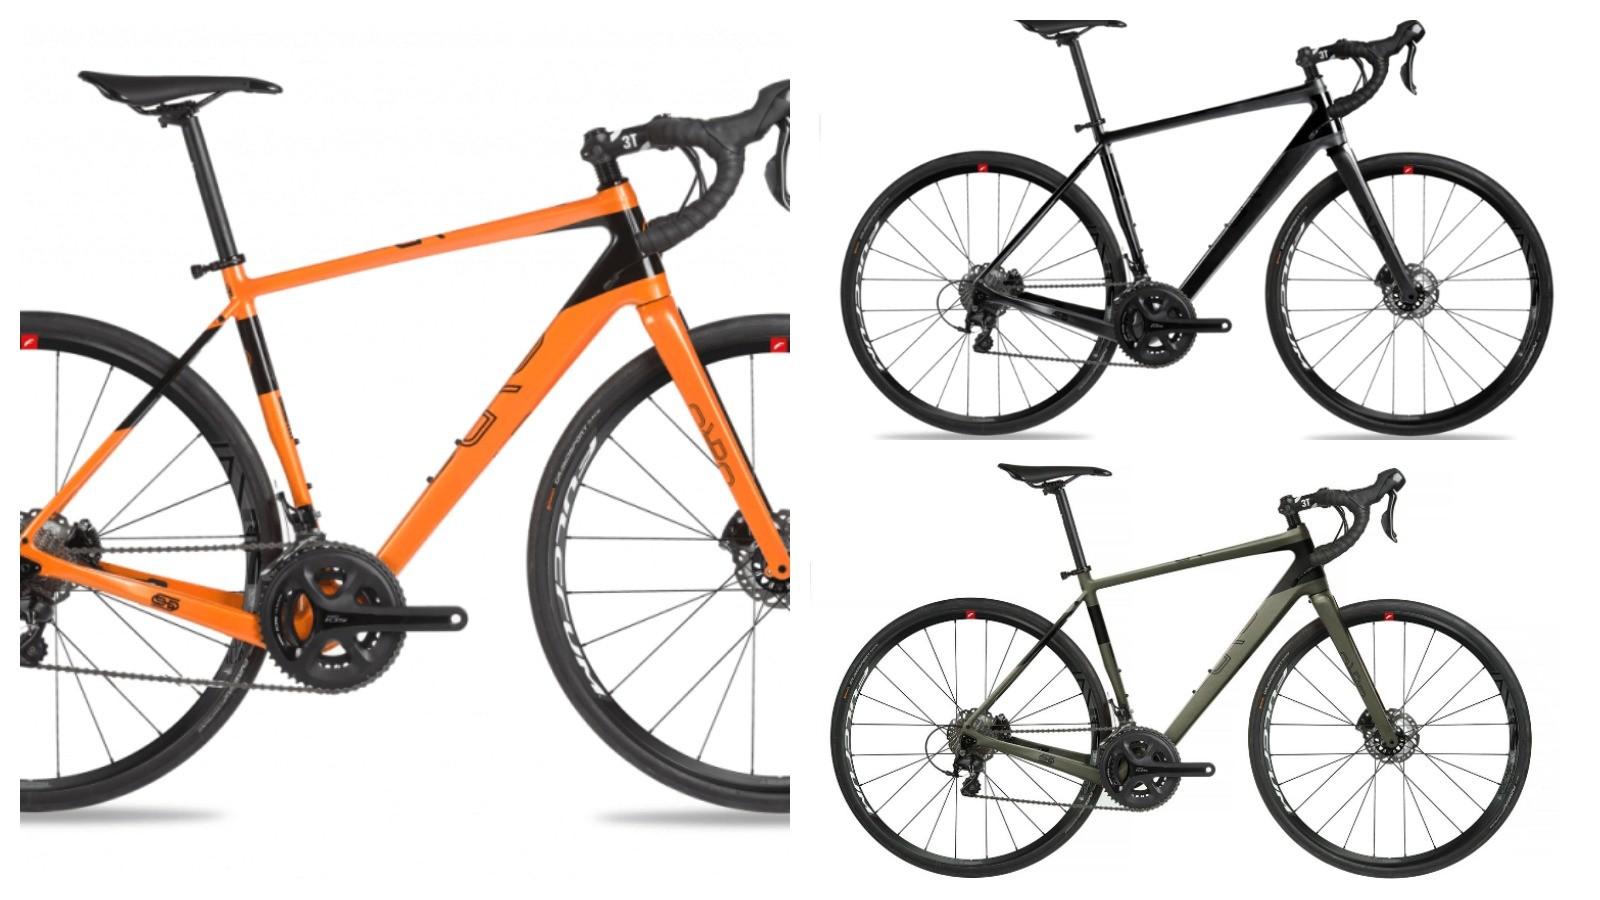 Orro has announced their newest gravel bike, the carbon Terra C